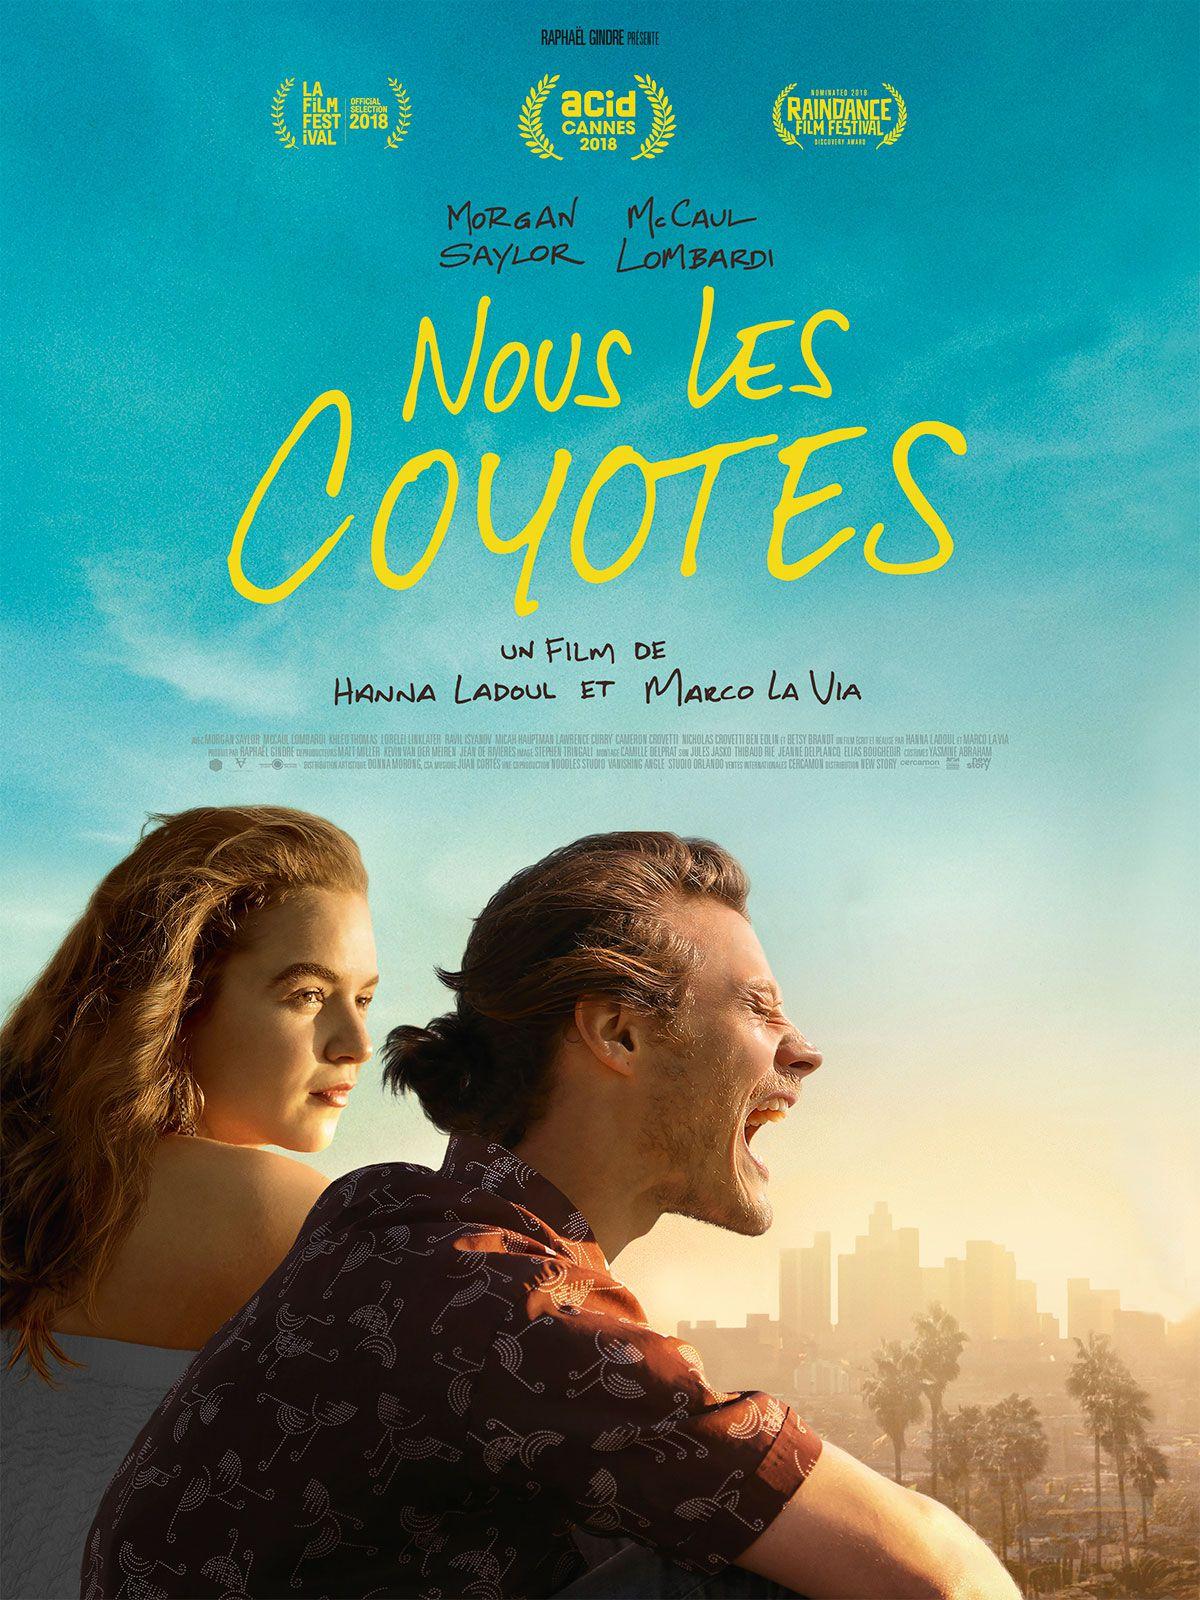 Nous les coyotes - Film (2018)